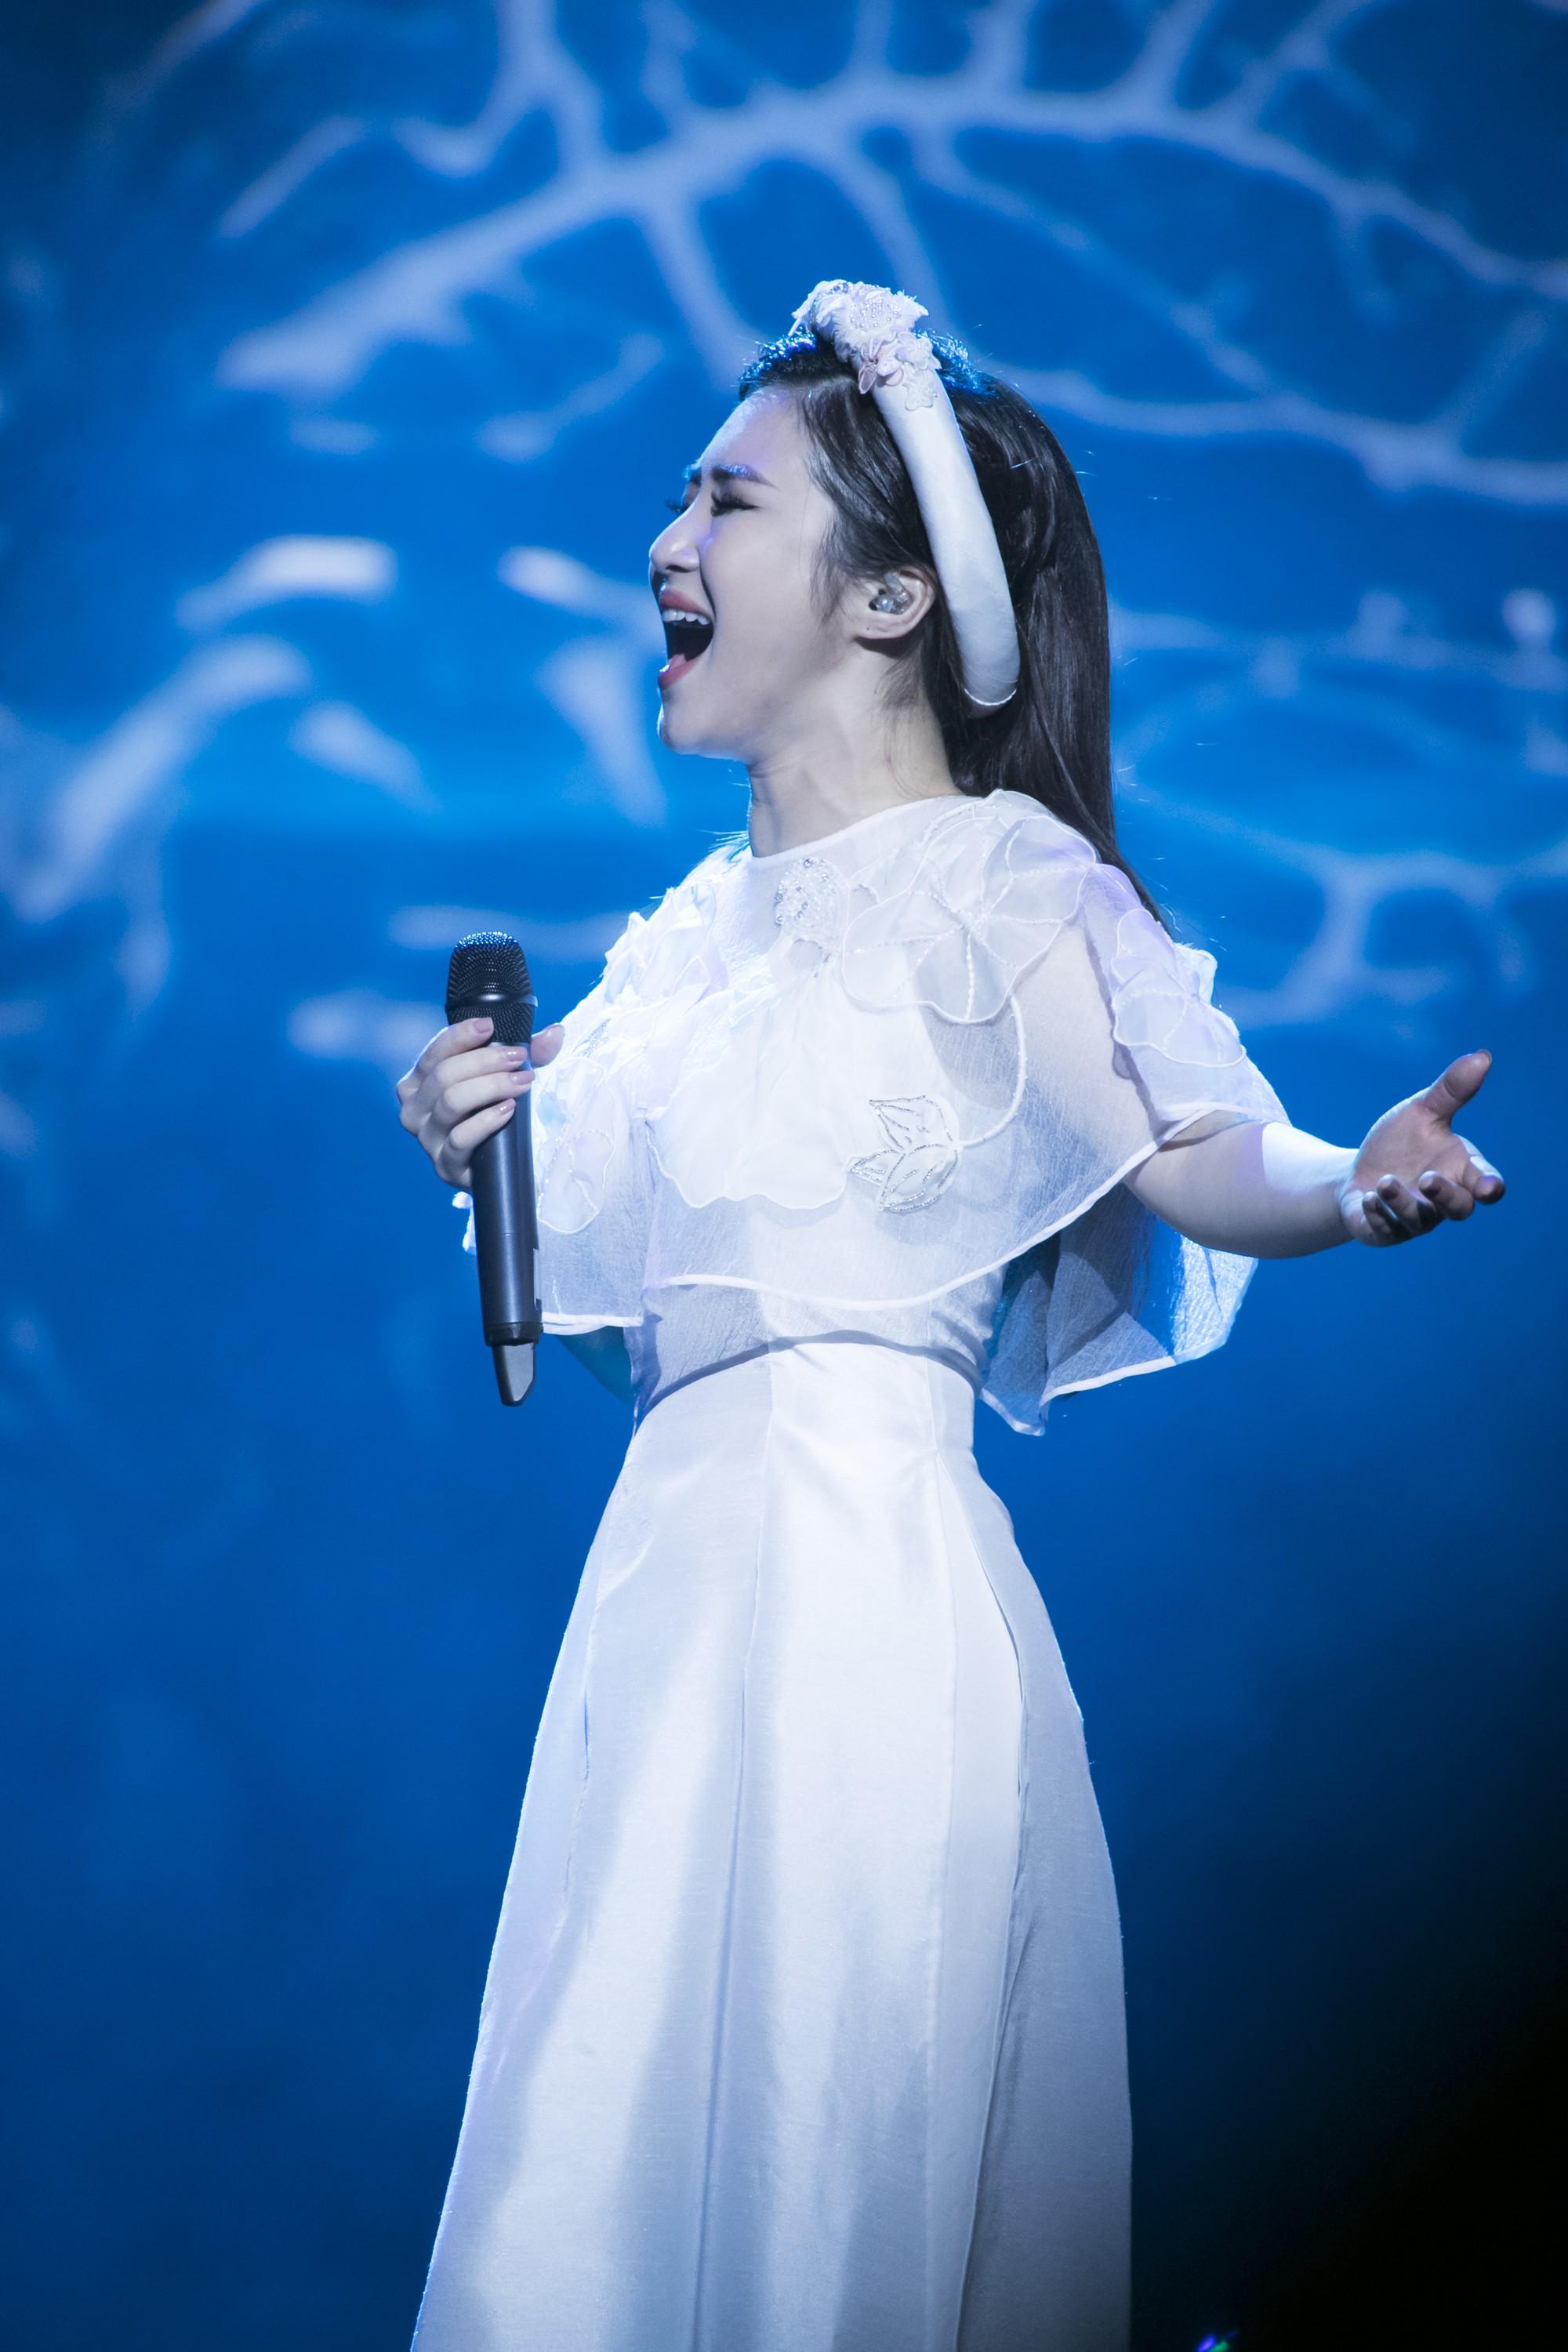 Liveshow đầu tiên của Hương Tràm: Không chỉ là đêm nhạc tôn giọng hát, mà còn lấy nước mắt khán giả với kịch bản cảm động - Ảnh 5.